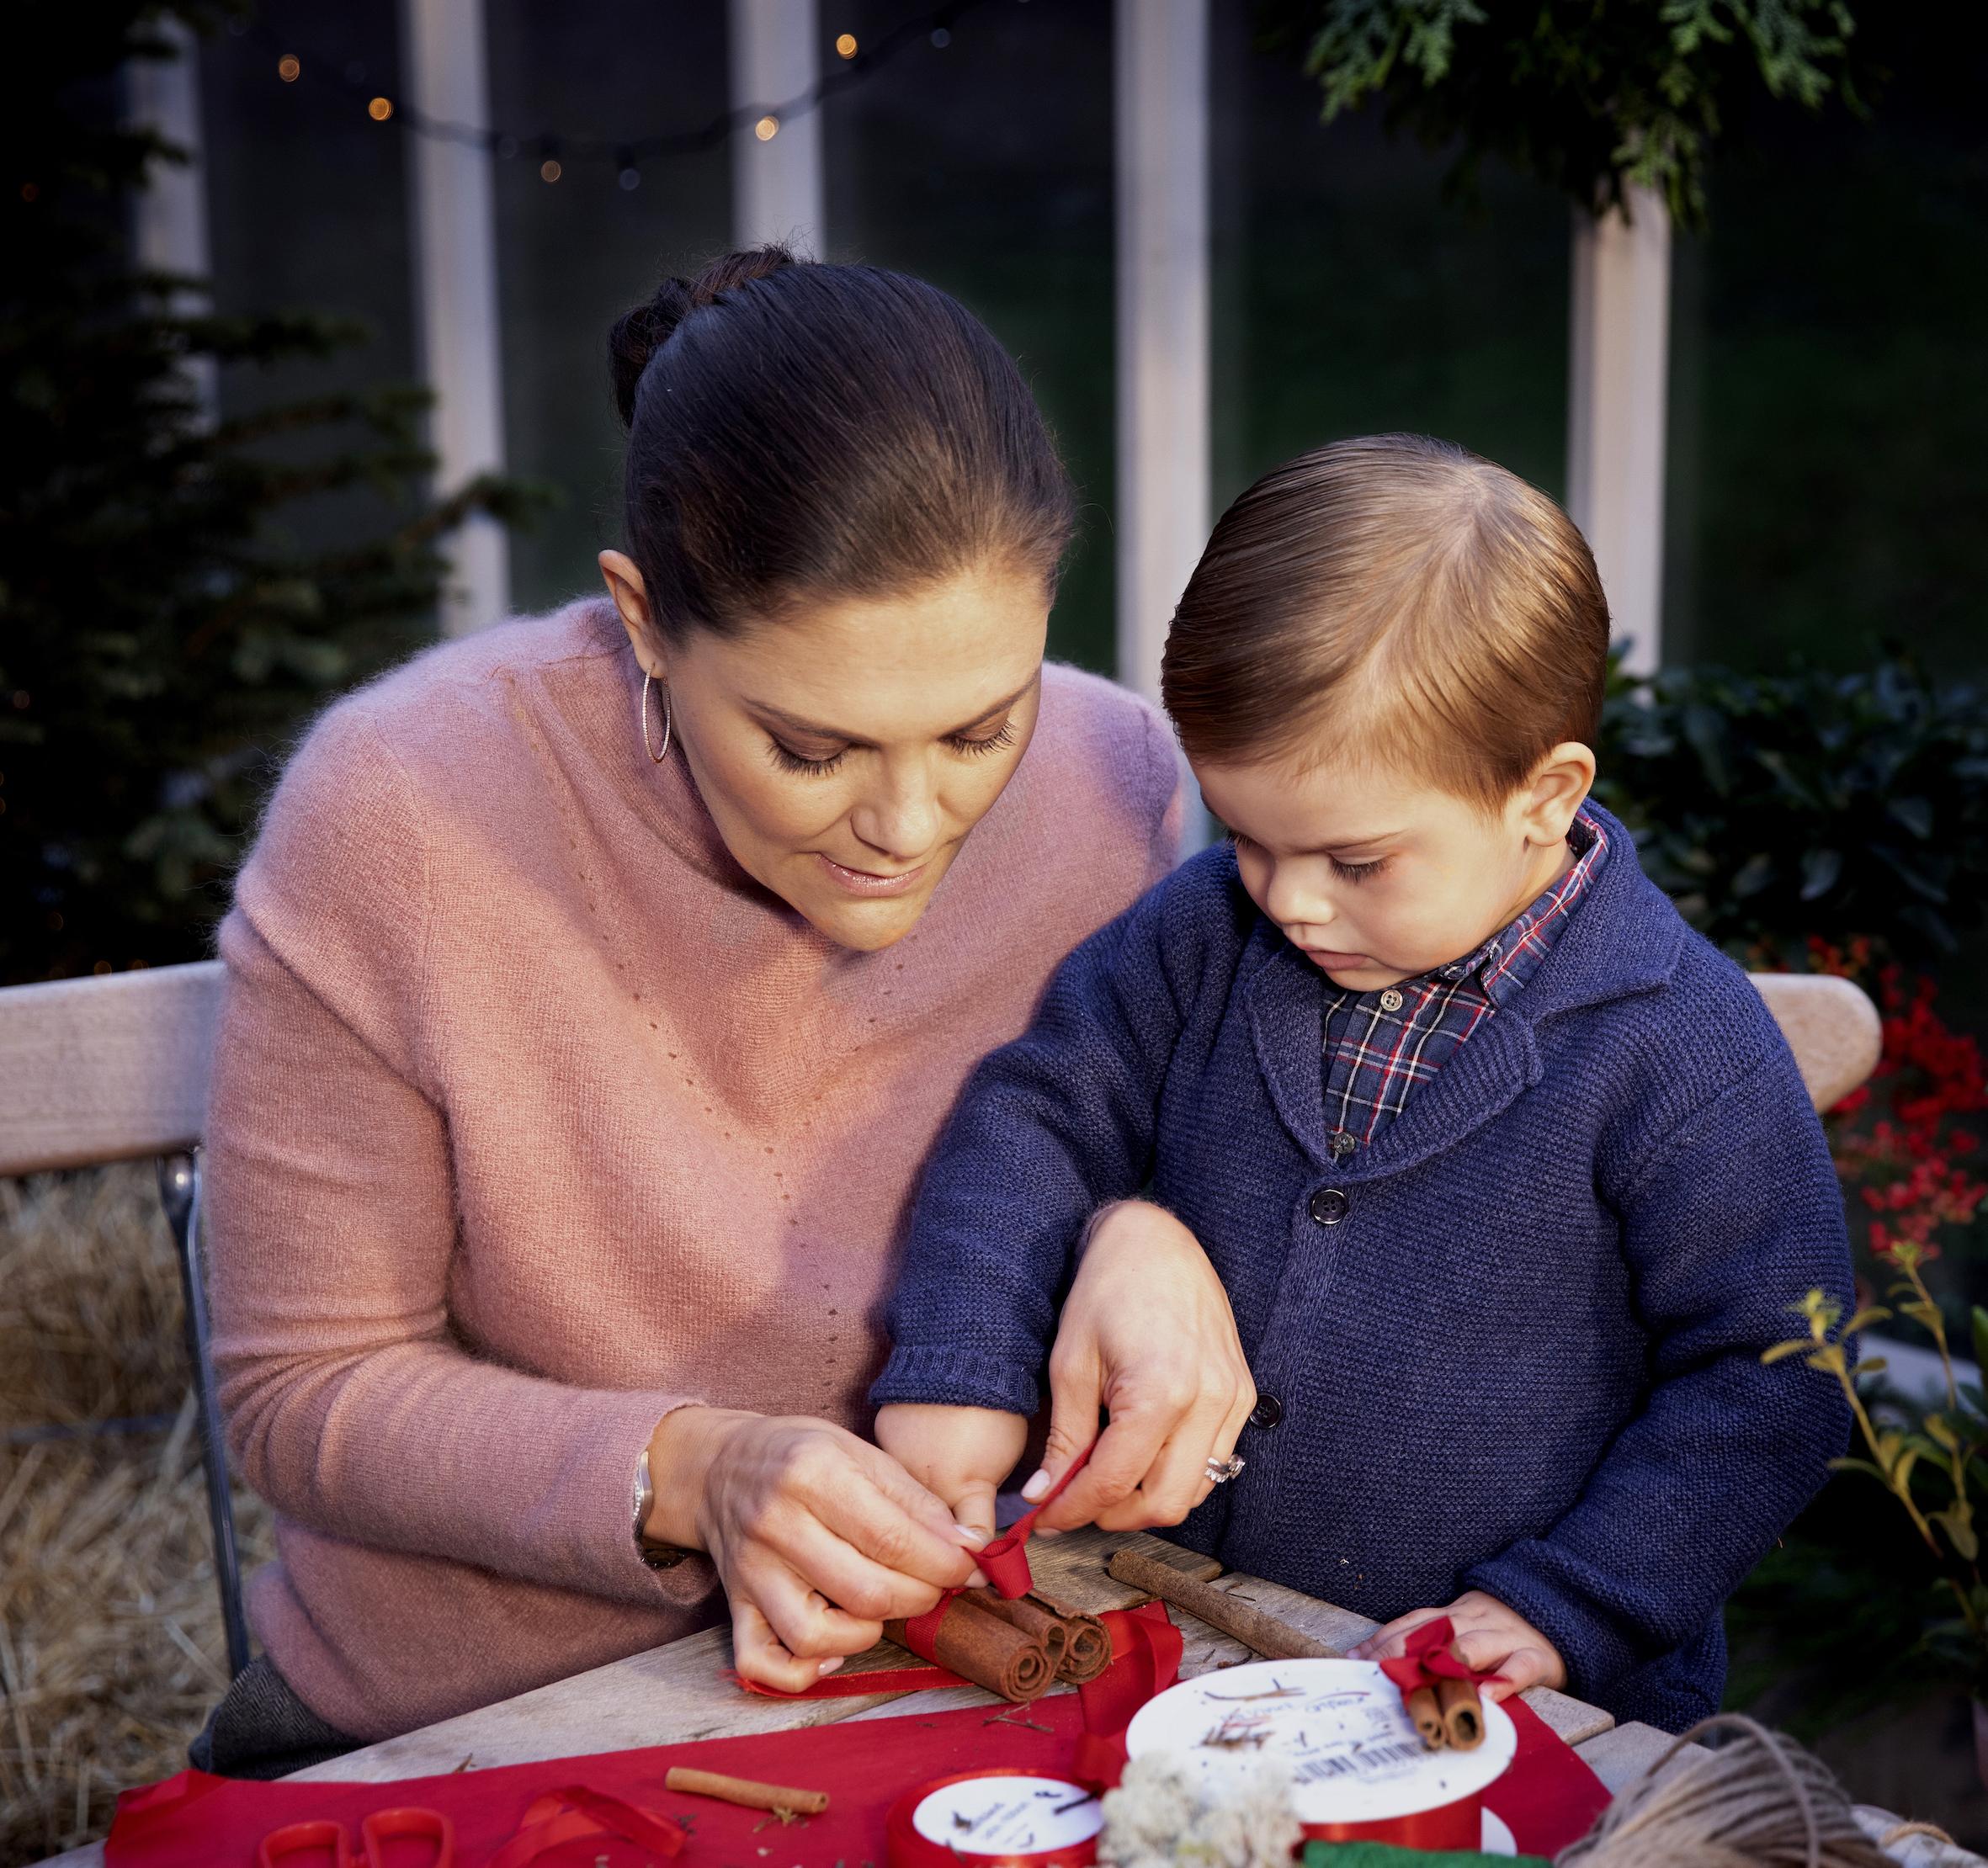 Mama Victoria und Oscar binden Zimtstangen zusammen.  ©Tiina Björkbacka, Kungl. Hovstaterna